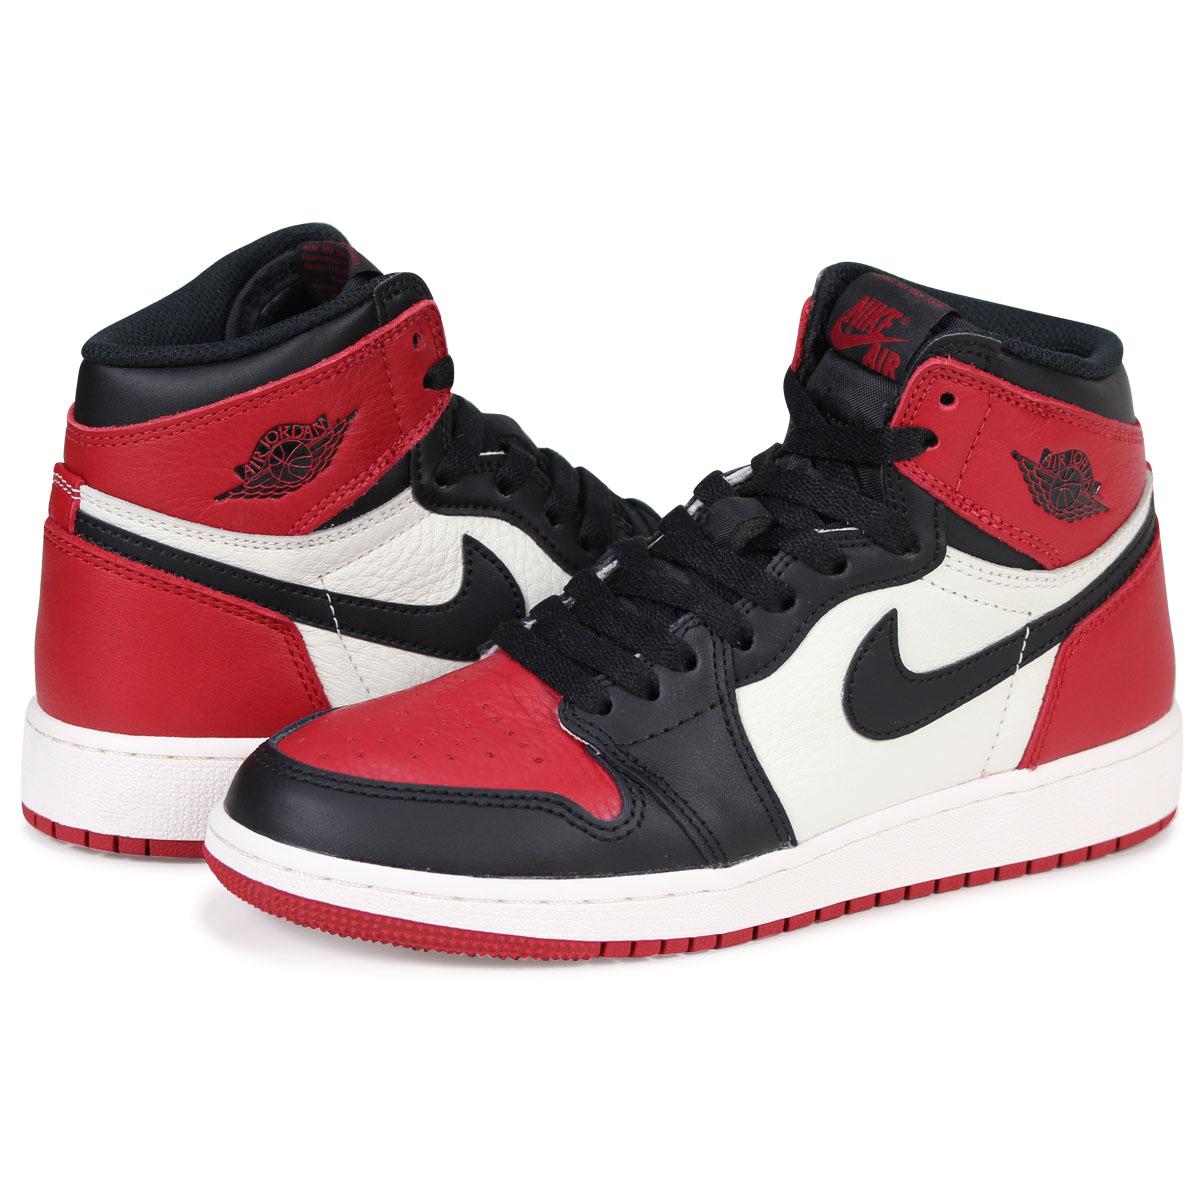 cb901342b0b92b NIKE AIR JORDAN 1 RETRO HIGH OG BG BRED TOE Nike Air Jordan 1 nostalgic  Haile ...